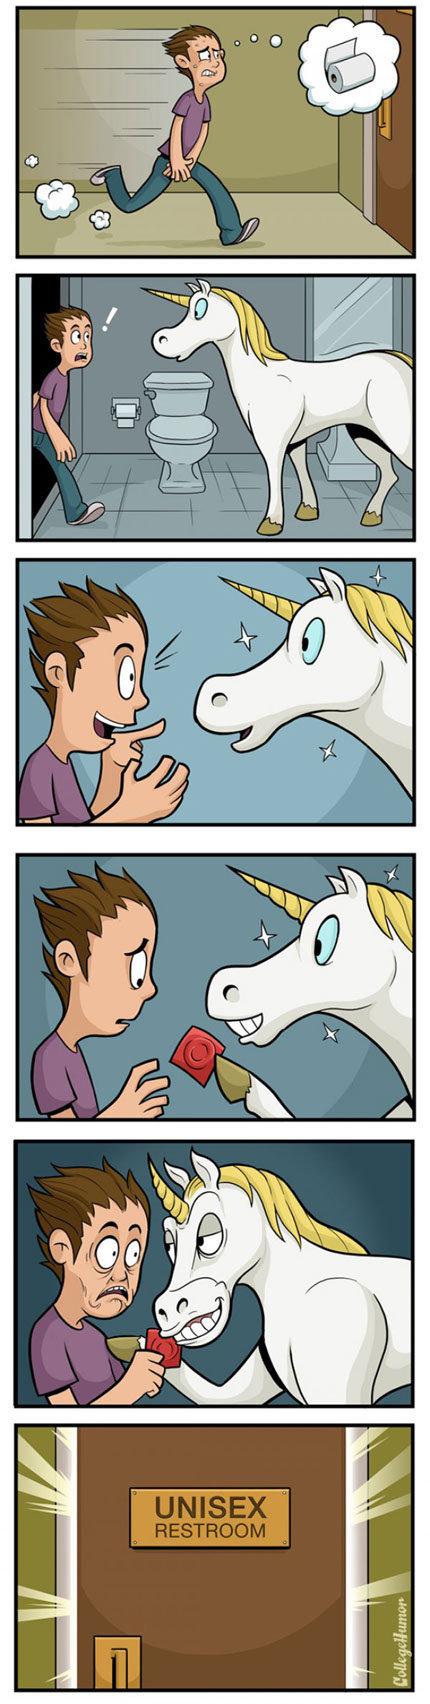 Phanact's dream. . tpt tta. I guess the unicorn was horny. Phanact's dream tpt tta I guess the unicorn was horny